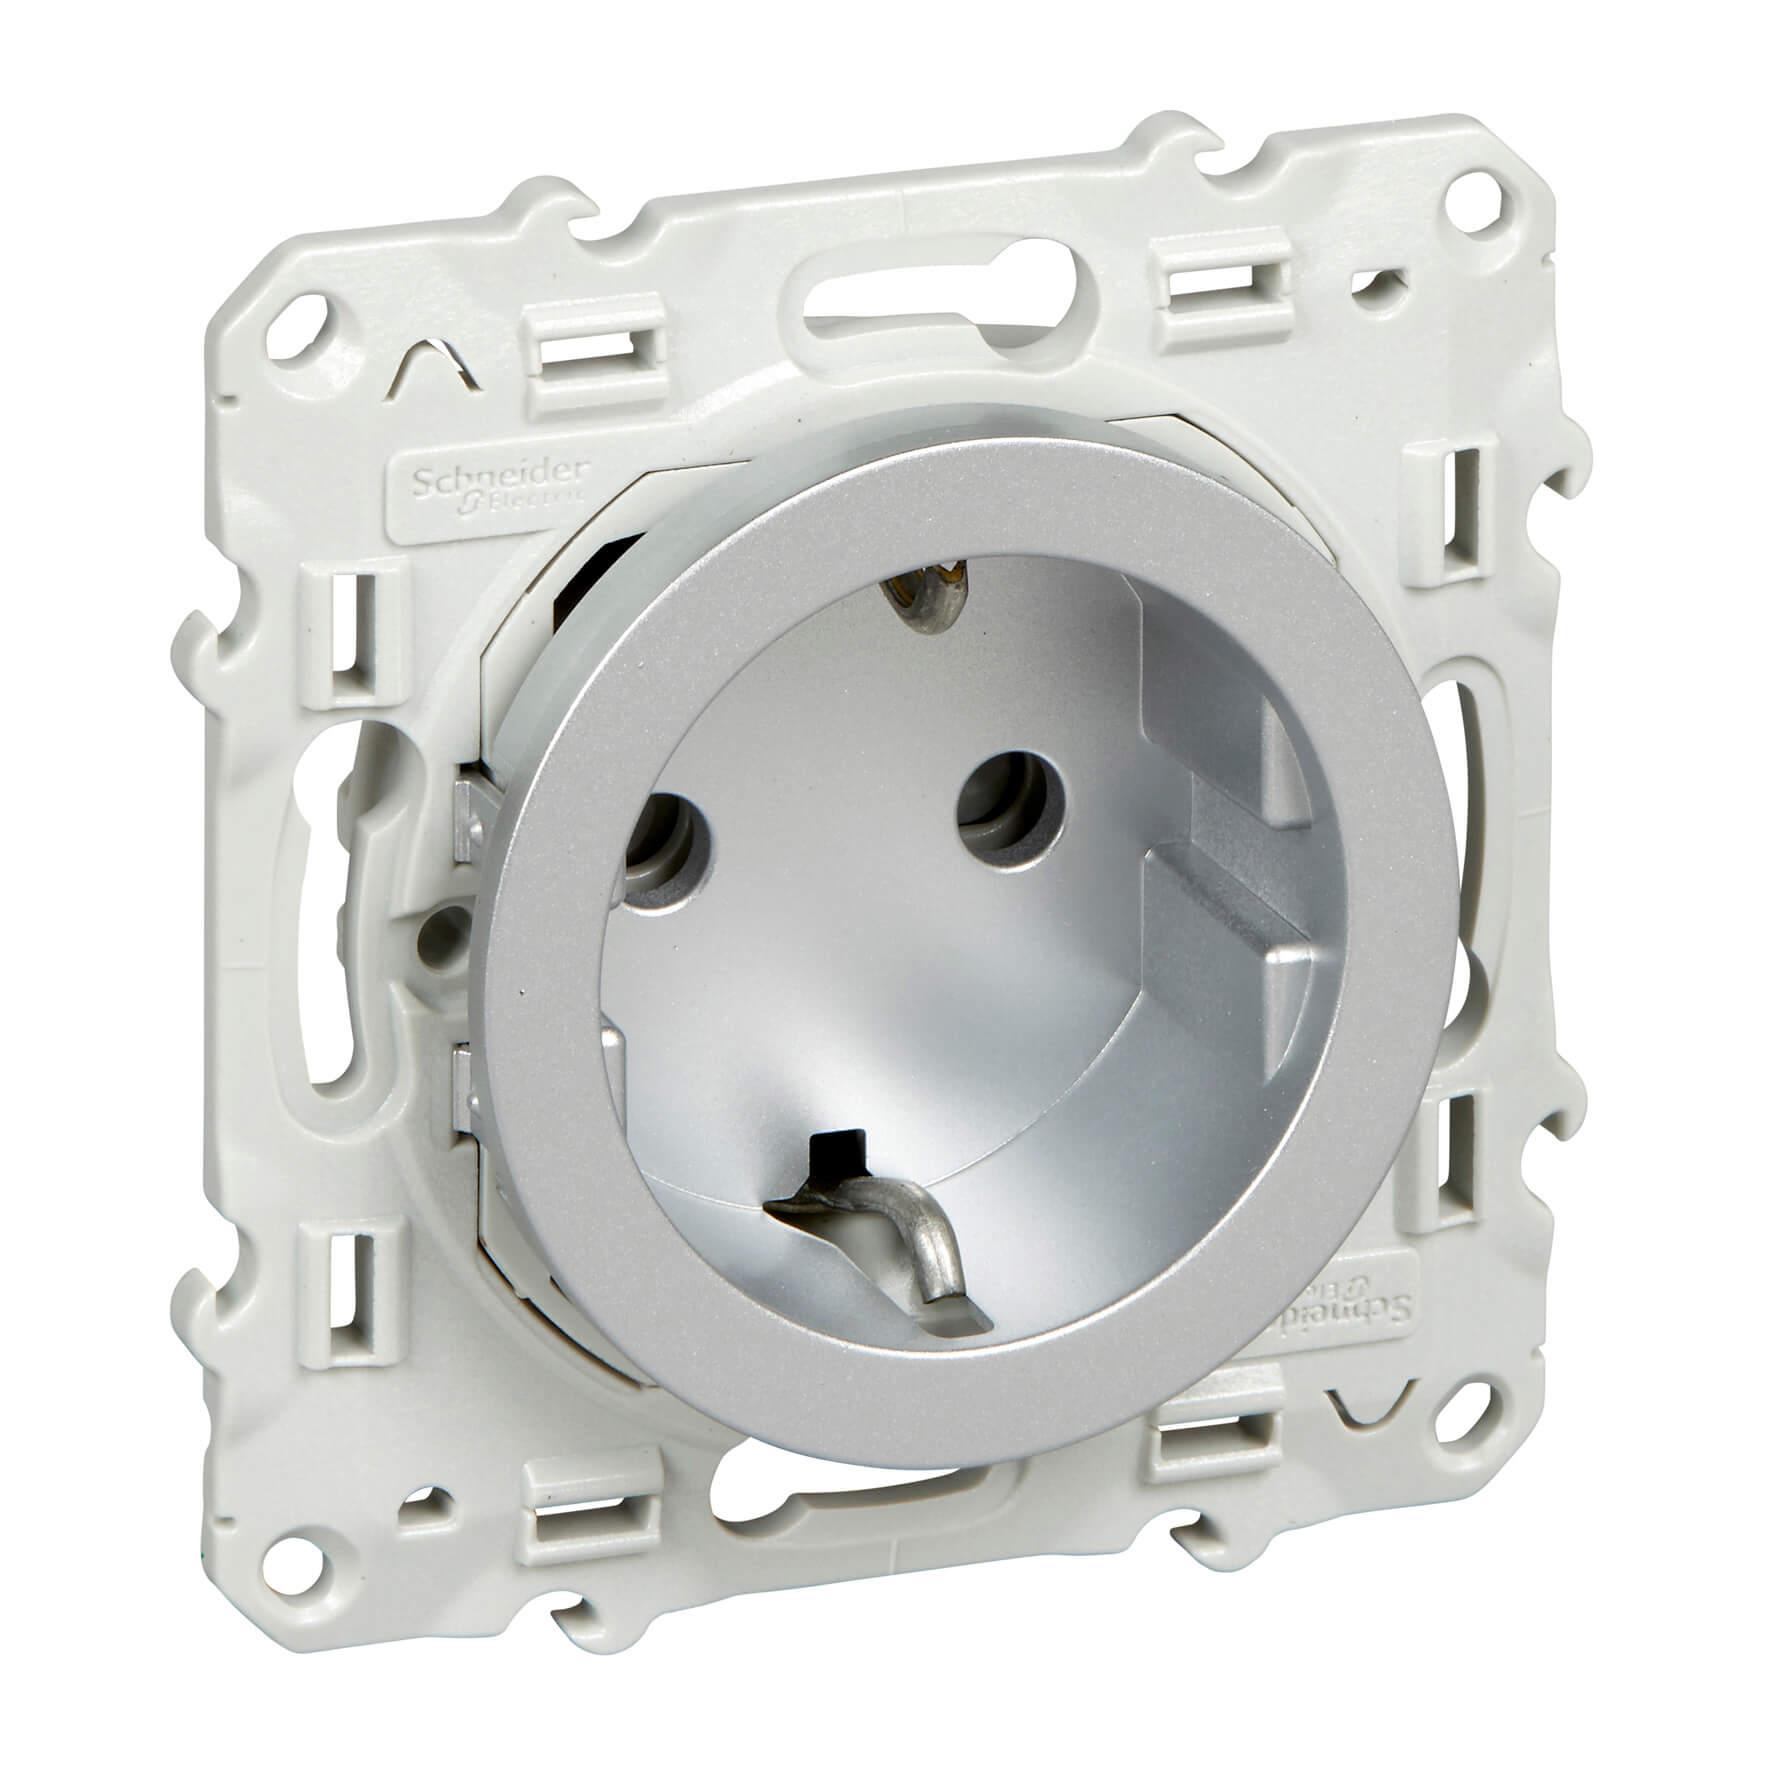 Schneider-Merten Odace wandcontactdoos met randaarde 16A - aluminium (S530057)